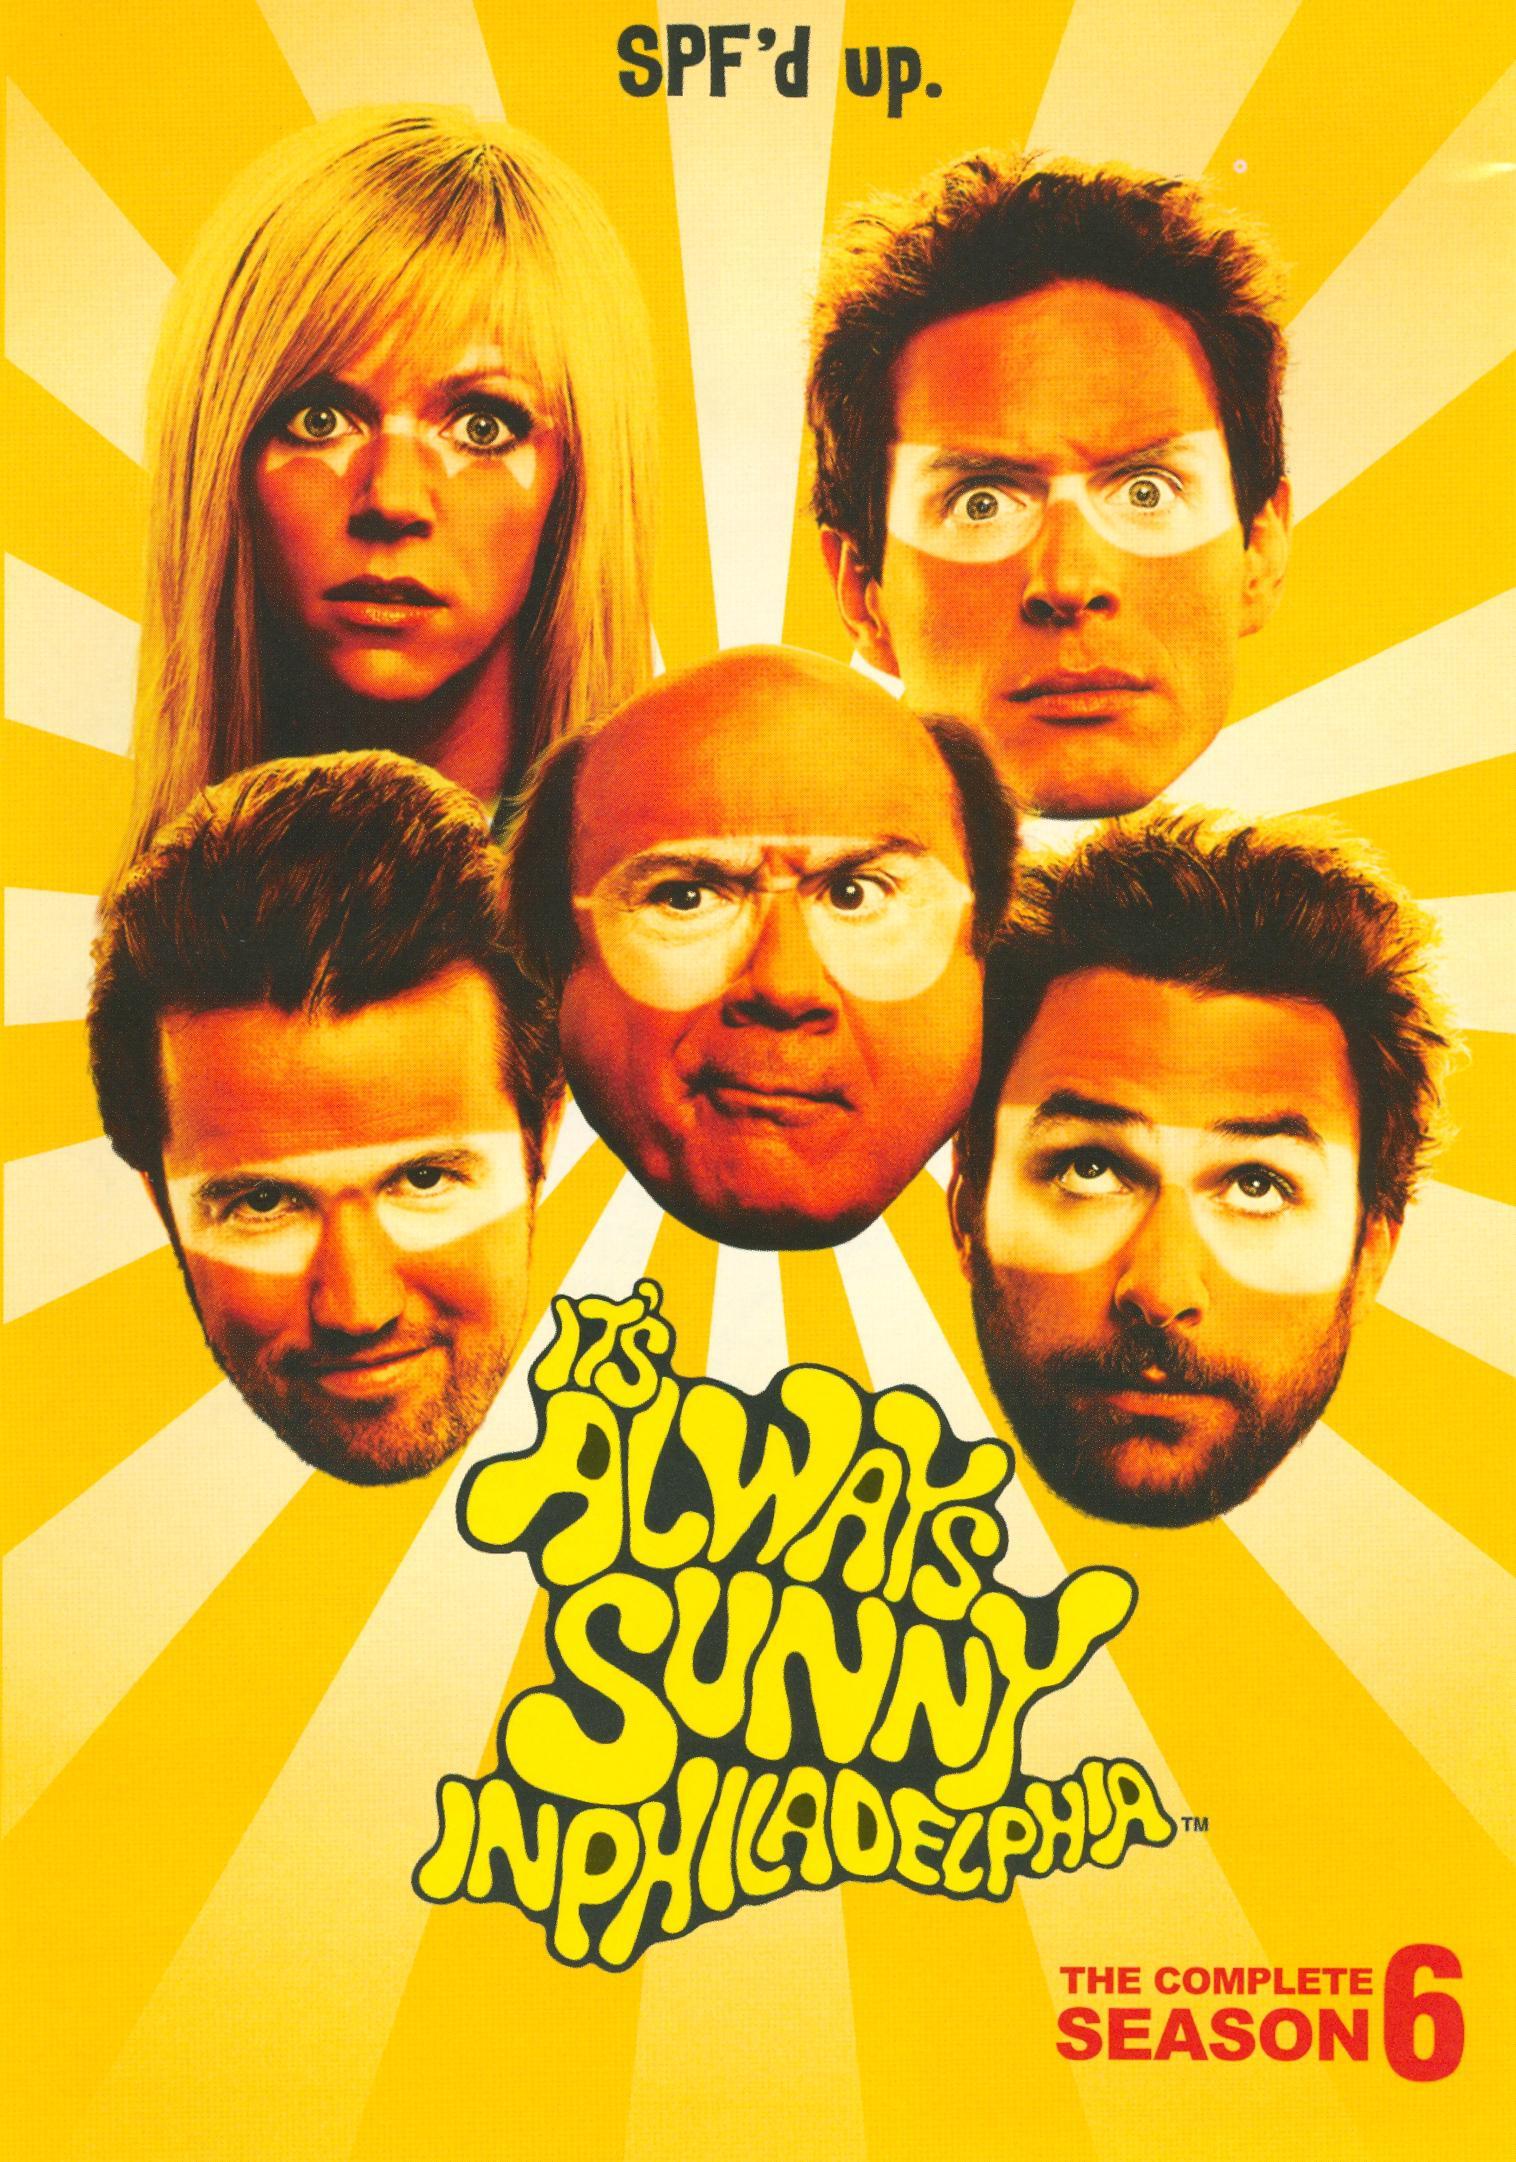 It's Always Sunny In Philadelphia: The Complete Season 6 [2 Discs] (dvd) 3209161